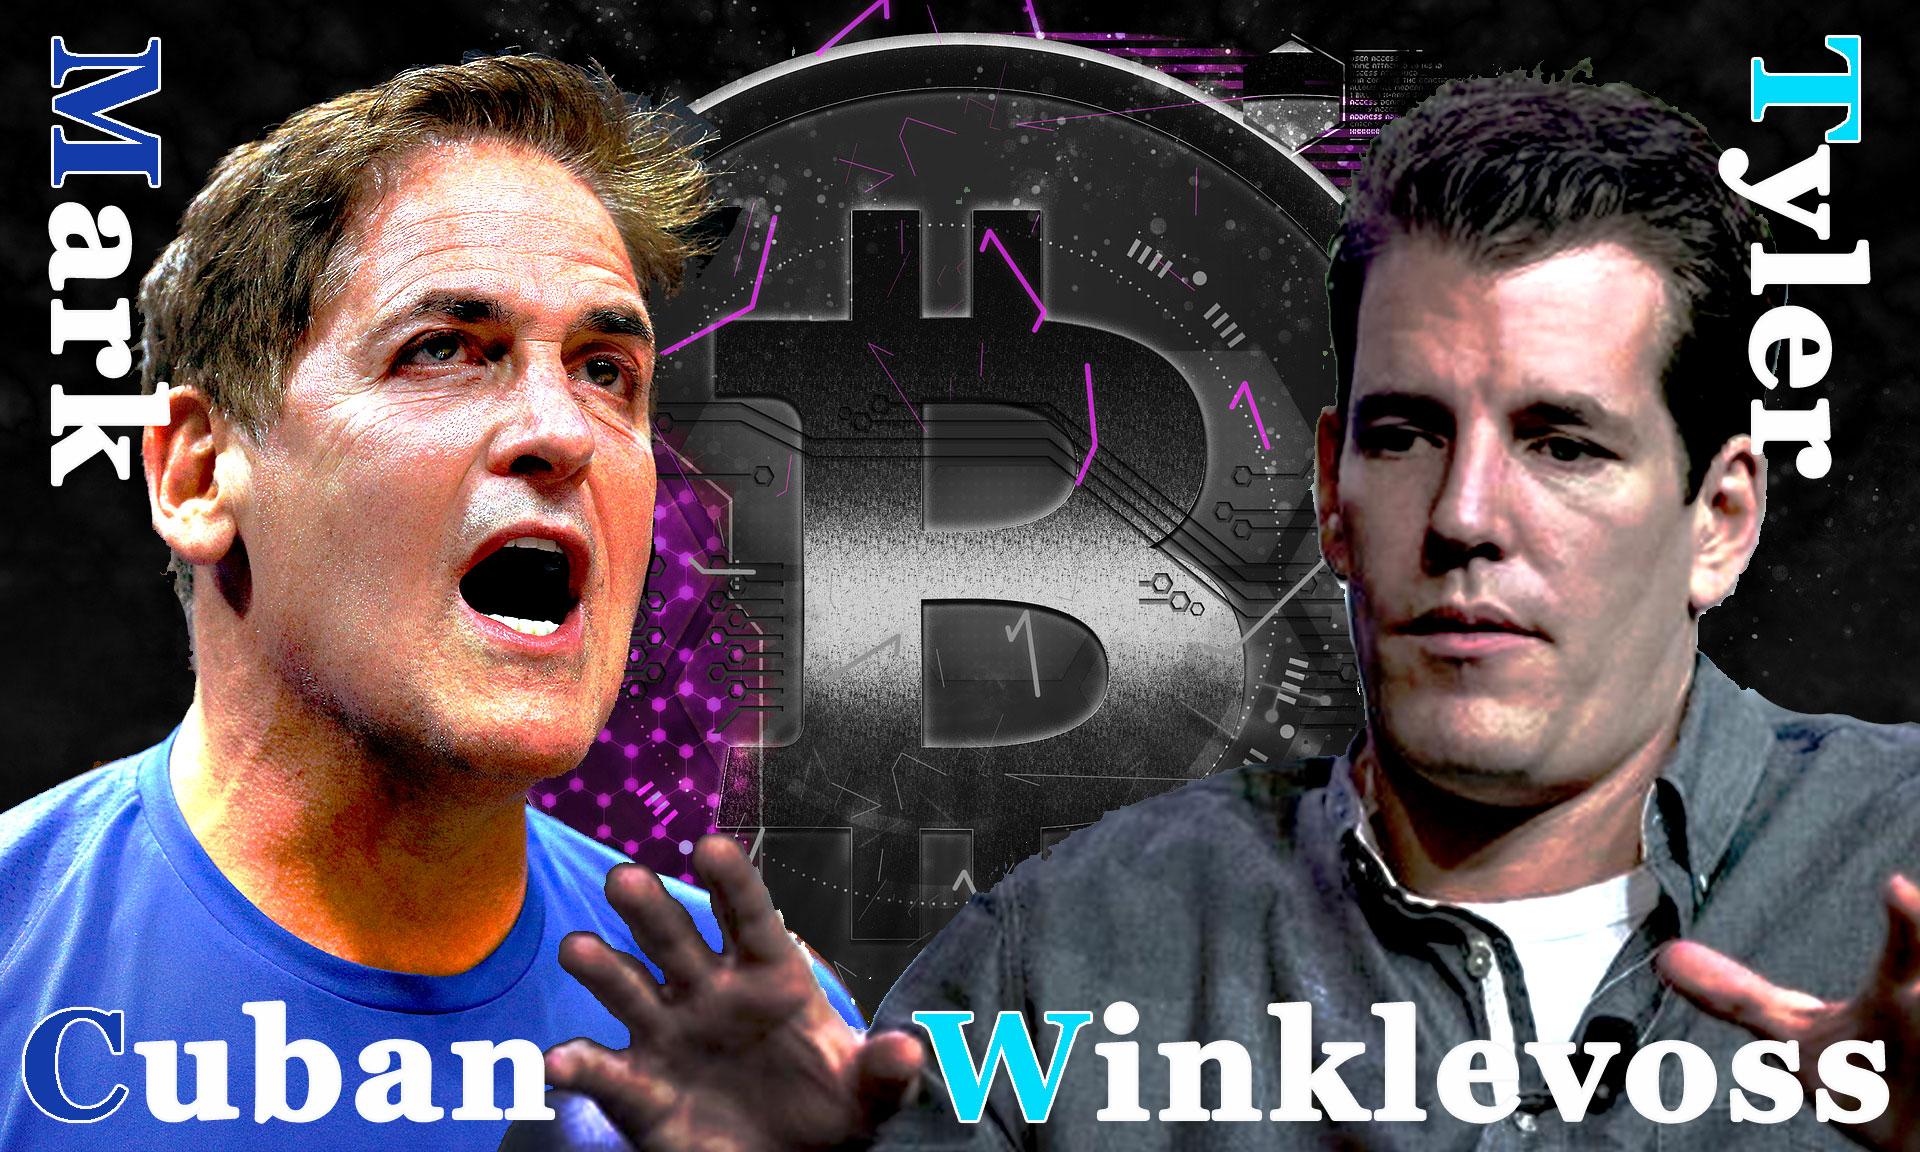 億万長者のマーク・キューバンとタイラー・ウィンクルボス「ビットコインの複雑さ」で議論!